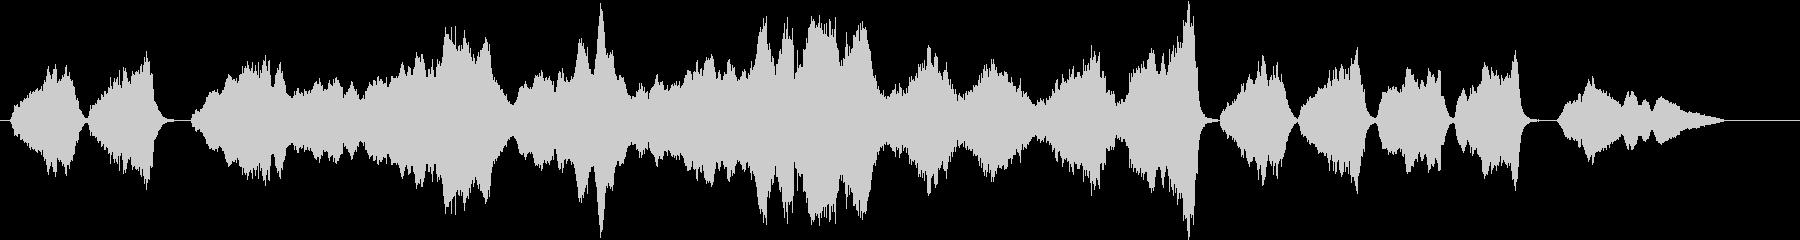 オーケストラ 悲しみにくれる曲 弦本格的の未再生の波形